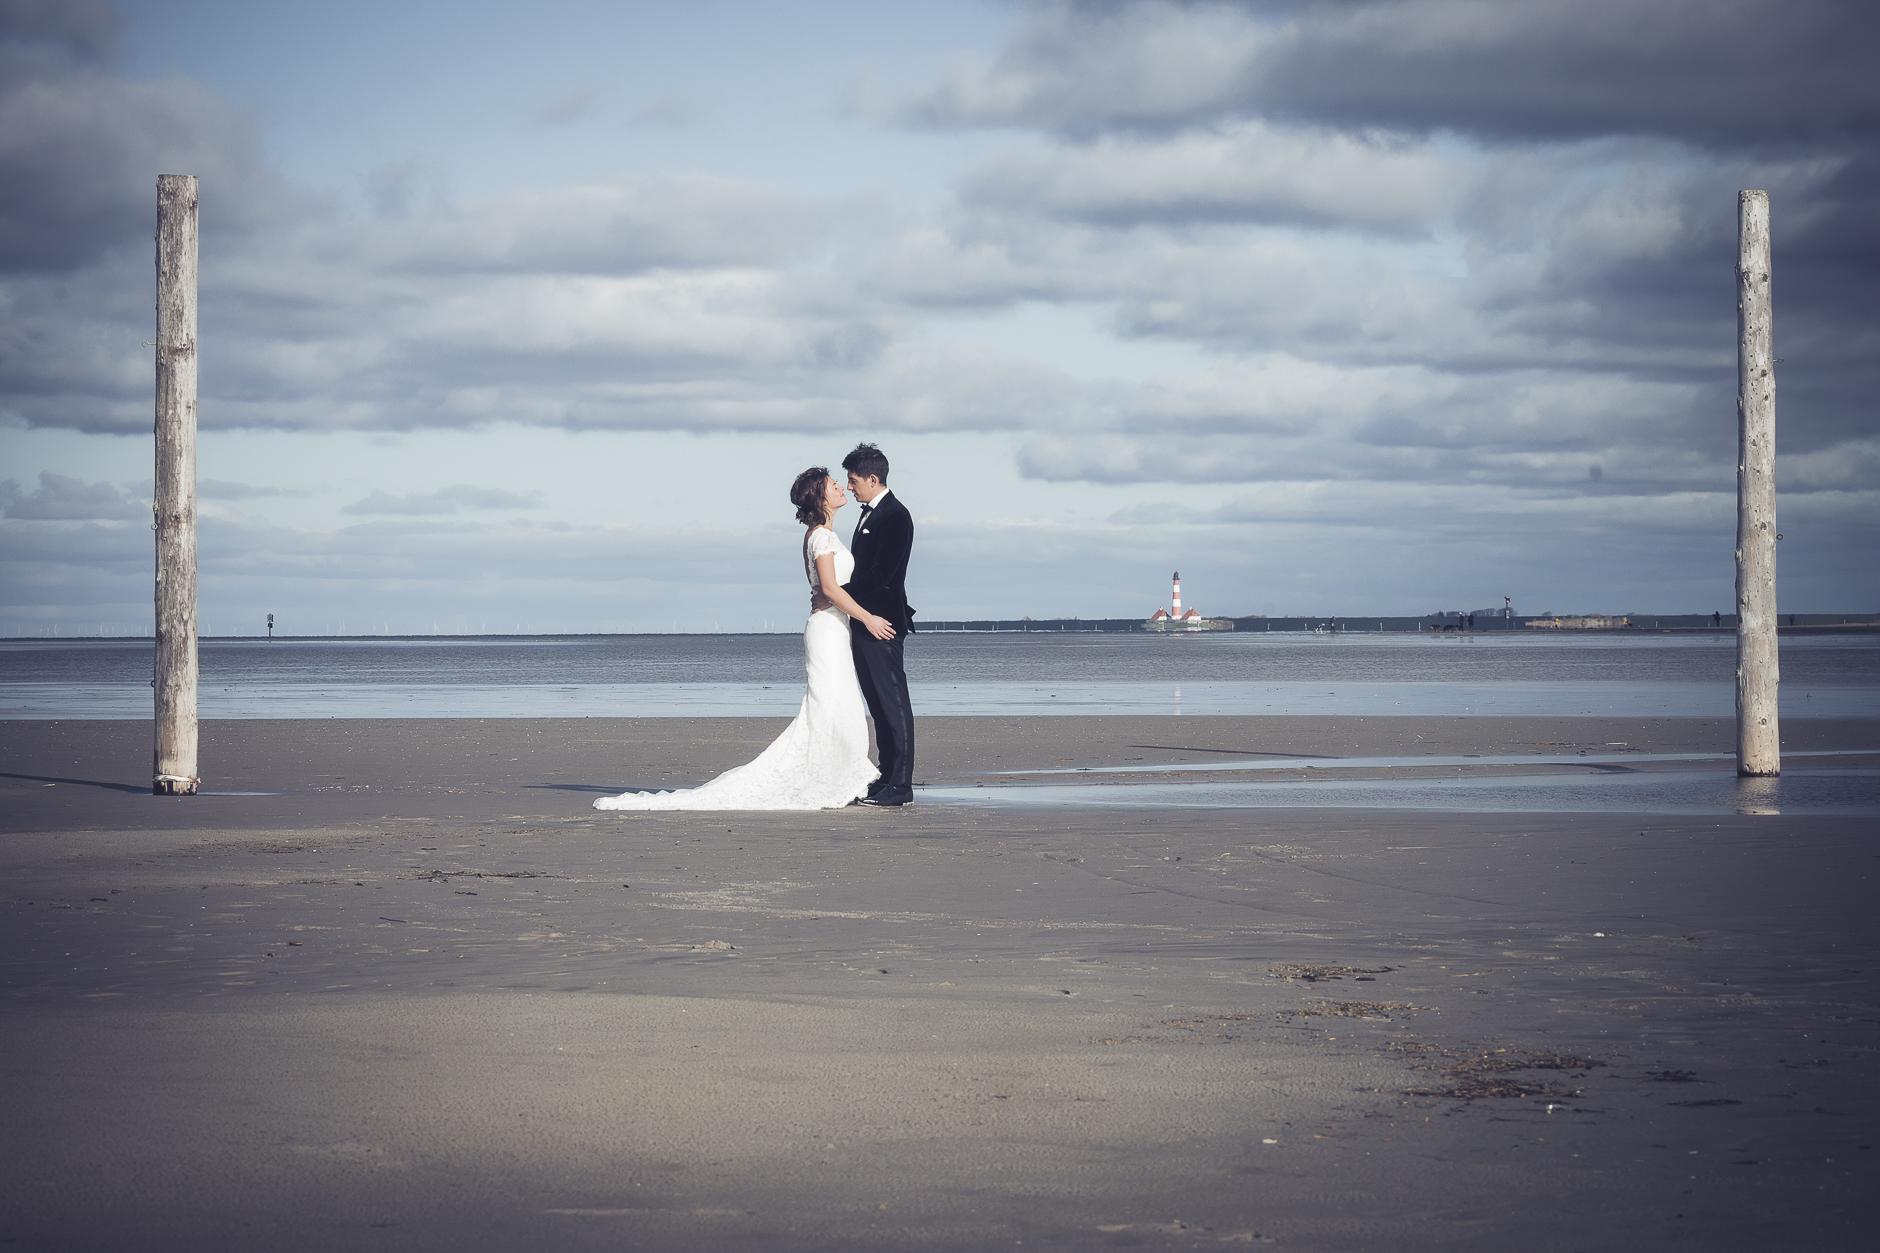 der perfekte Rahmen für das Hochzeitsbild